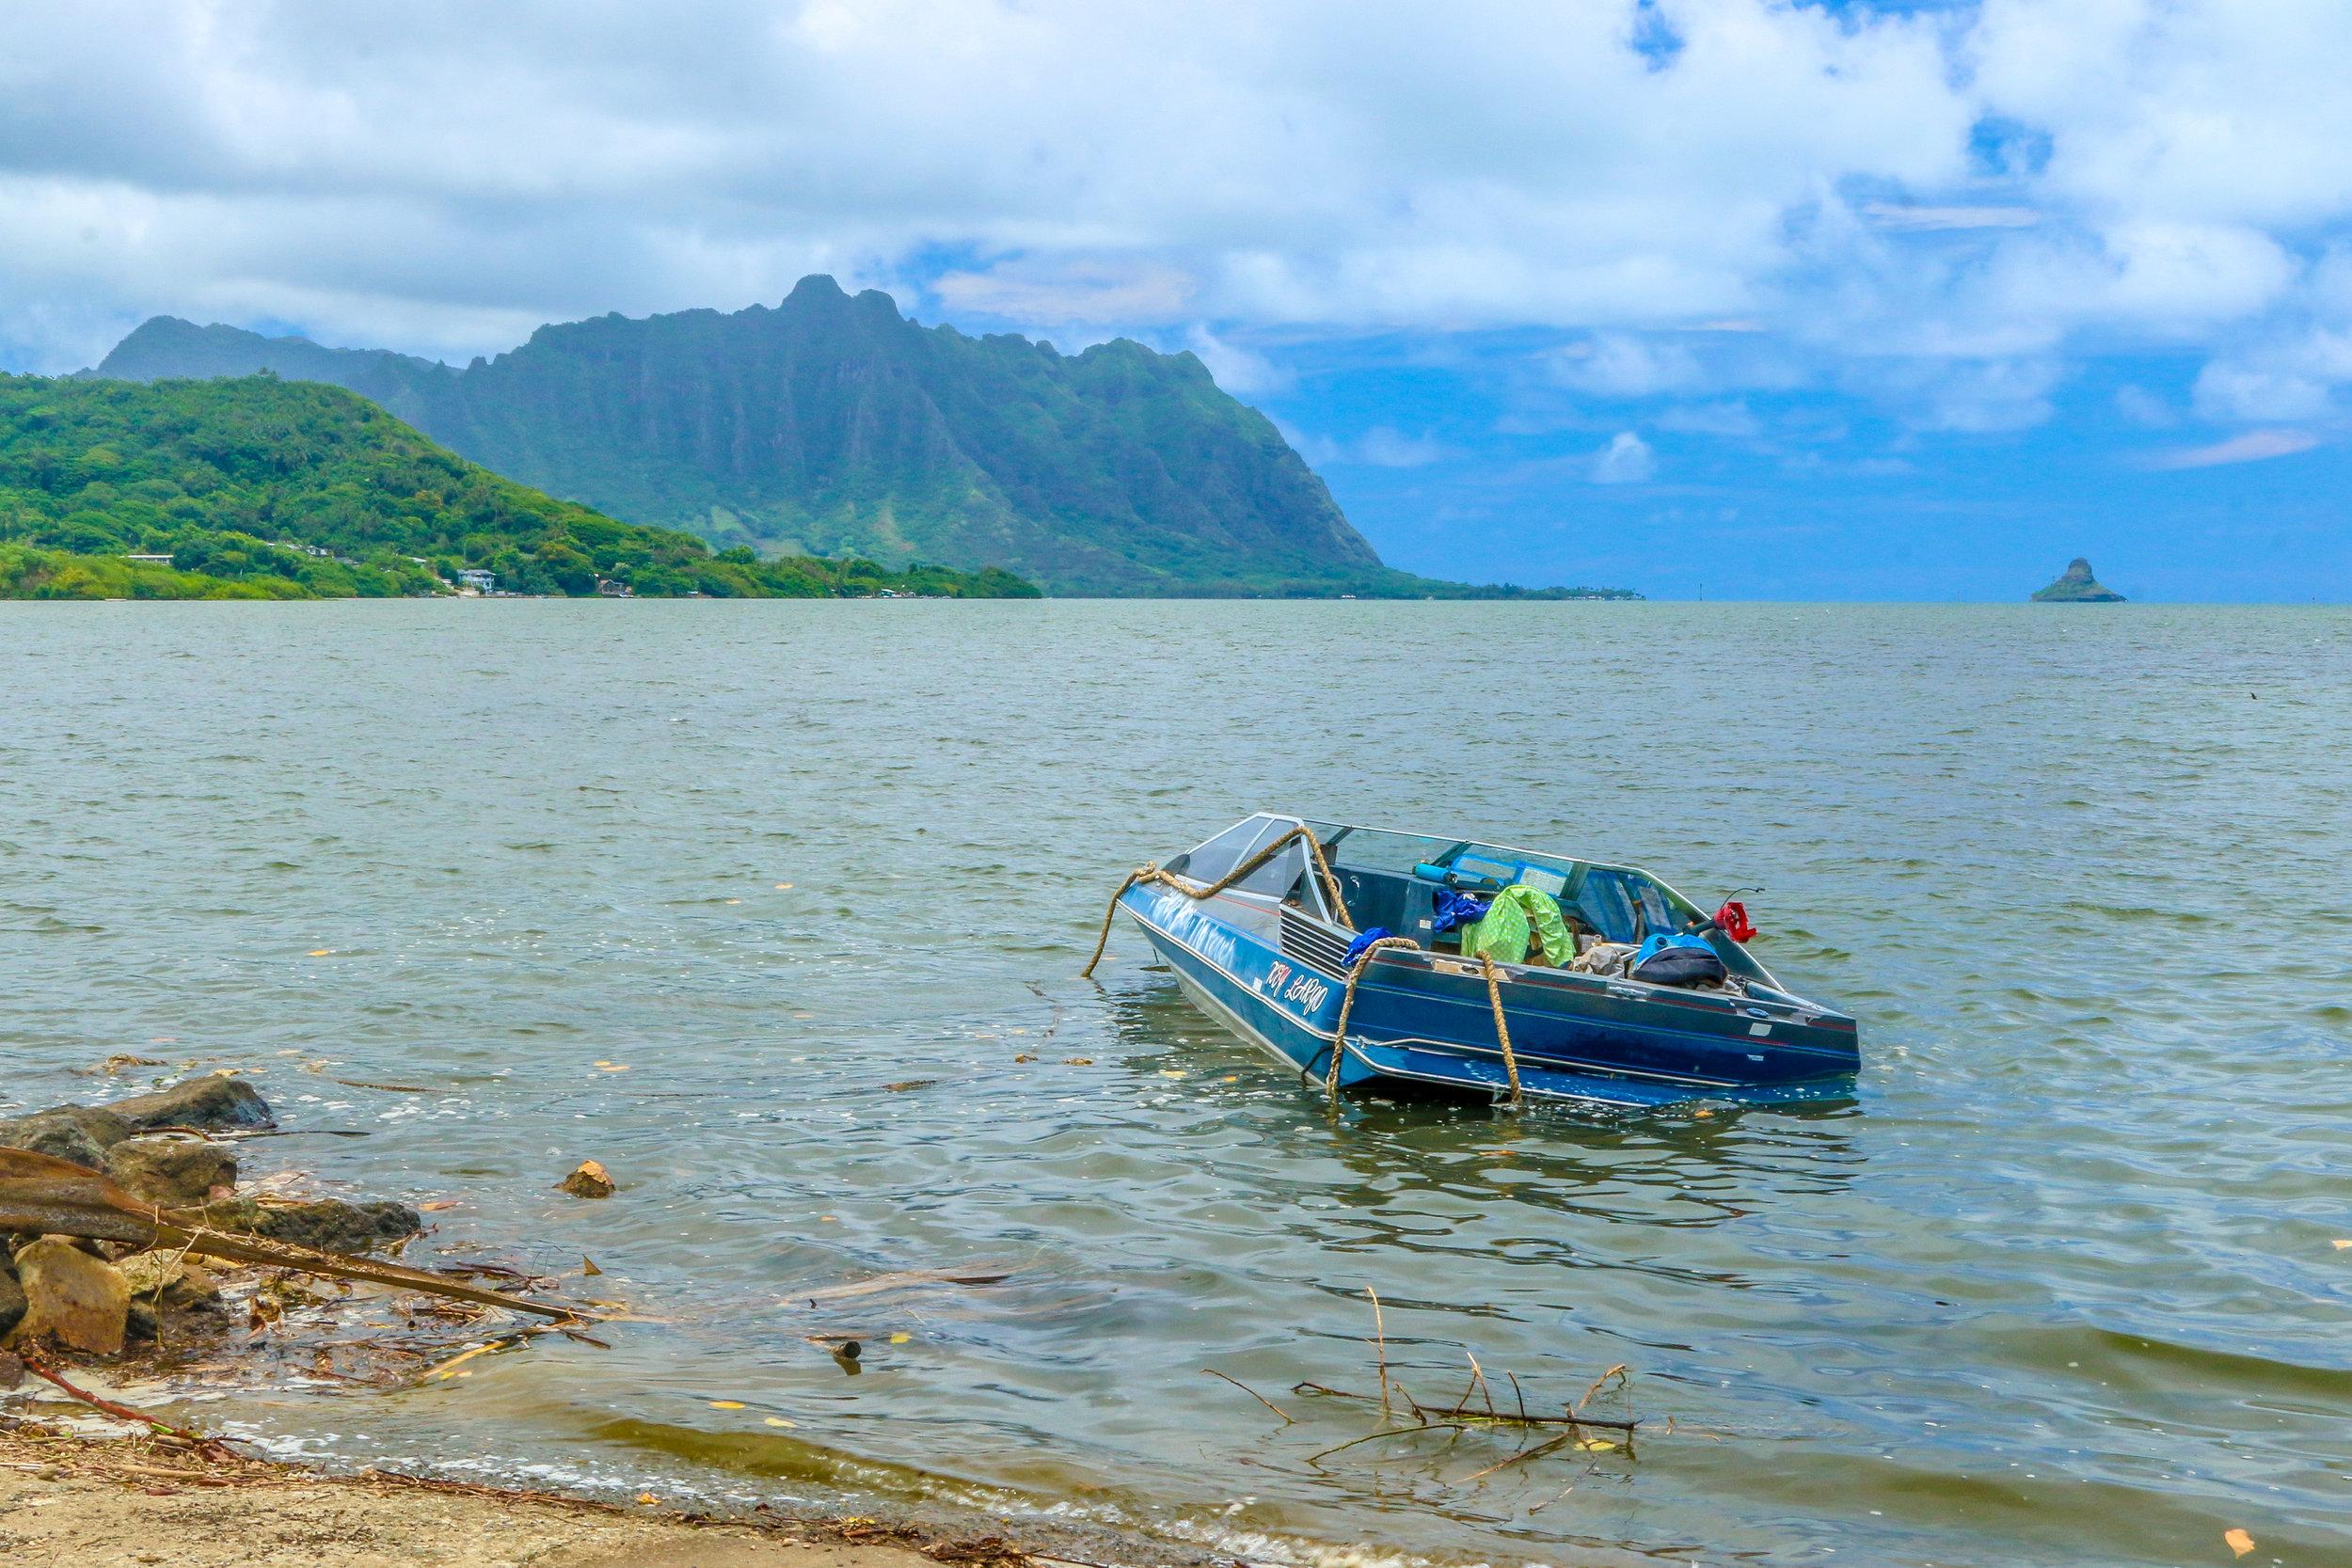 Oahu Hawaii HI photos photography sinking boat